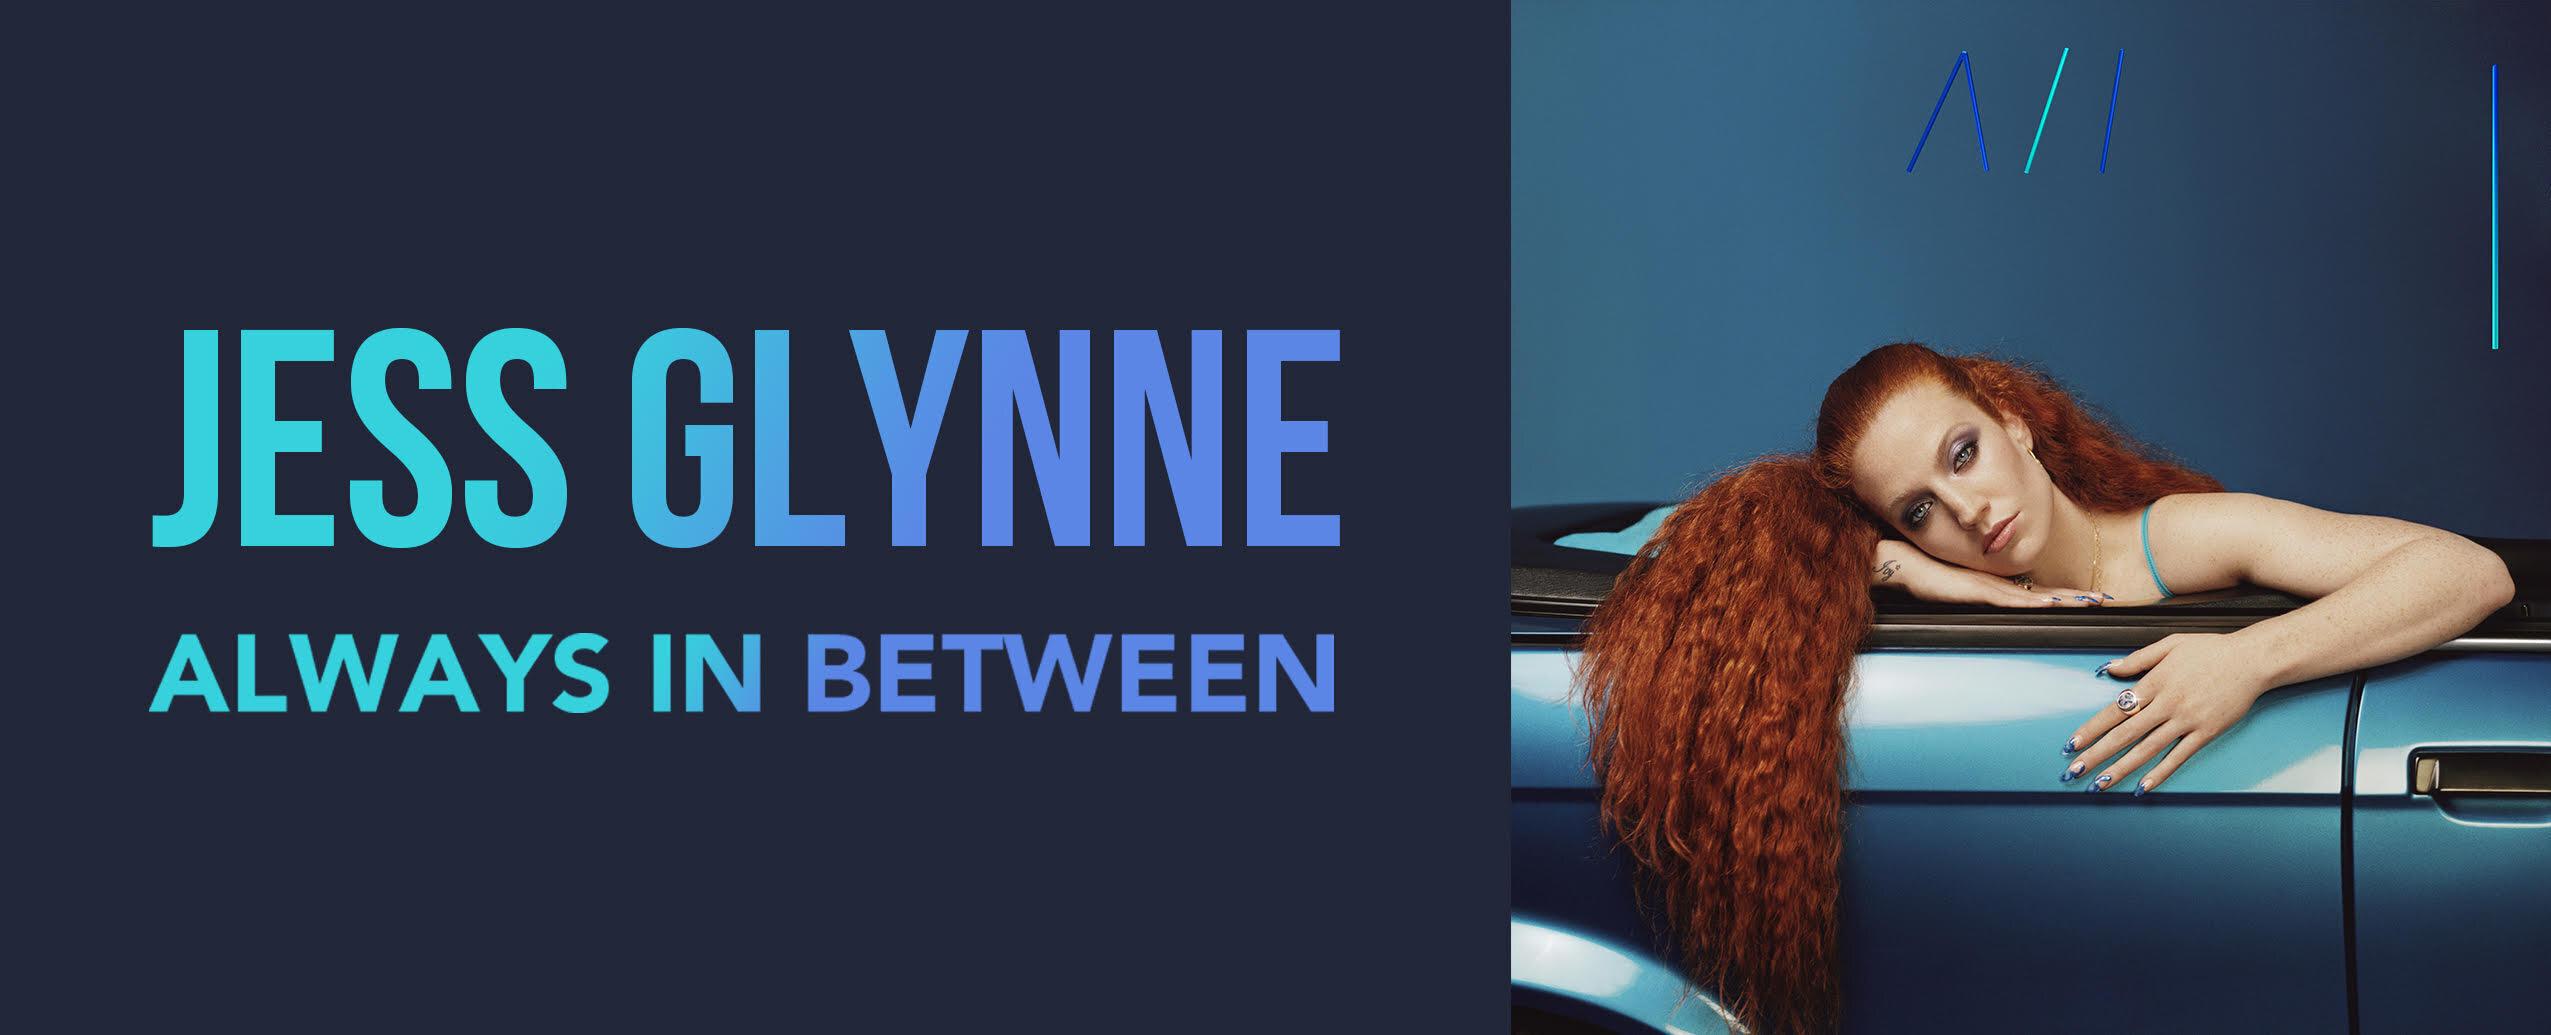 Jess Glynne / Always In Between